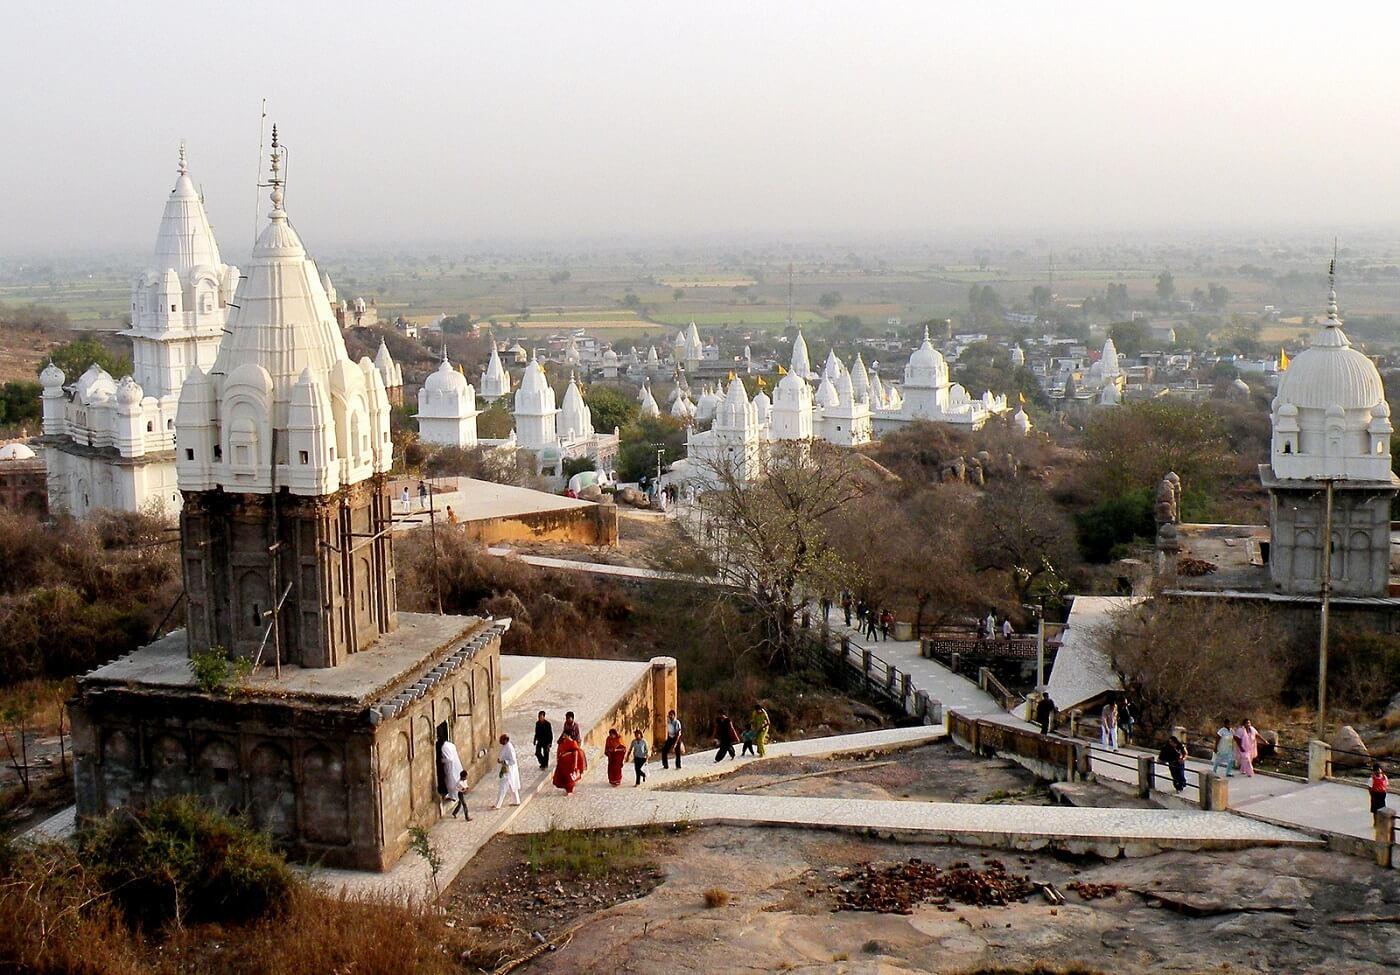 Sonagiri Temples, Madhya Pradesh